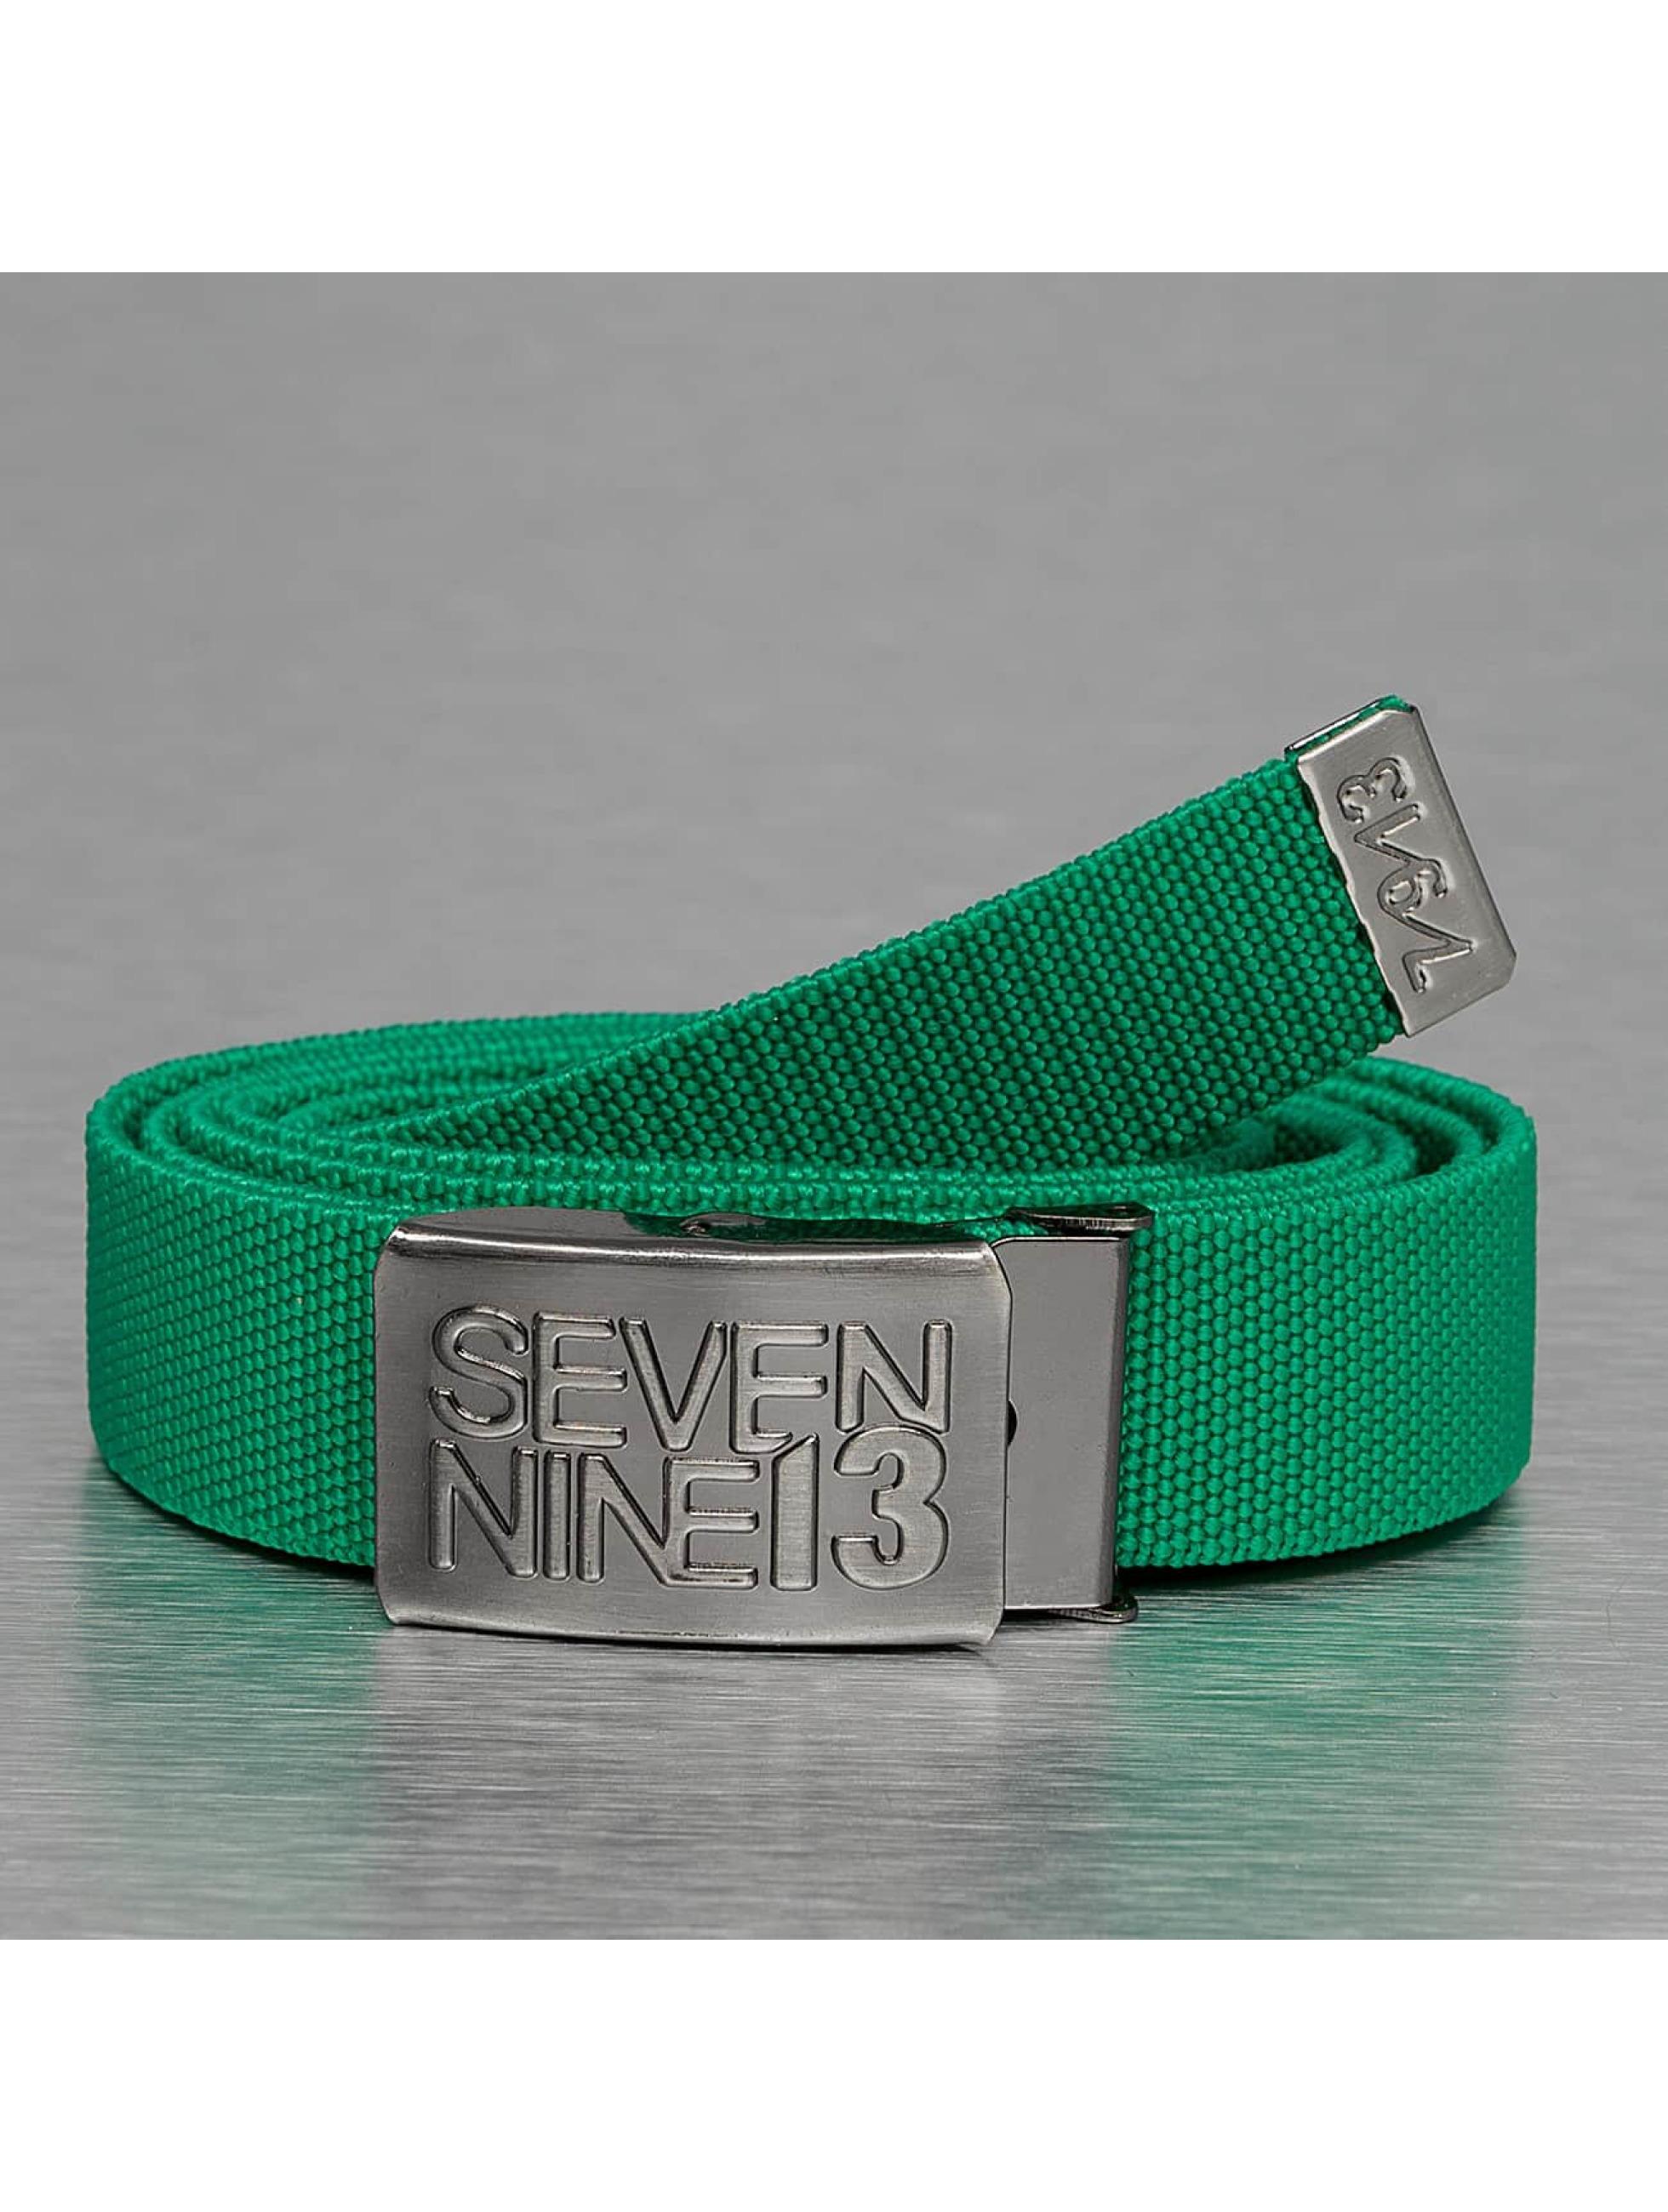 Seven Nine 13 Ceinture Jaws Stretch vert